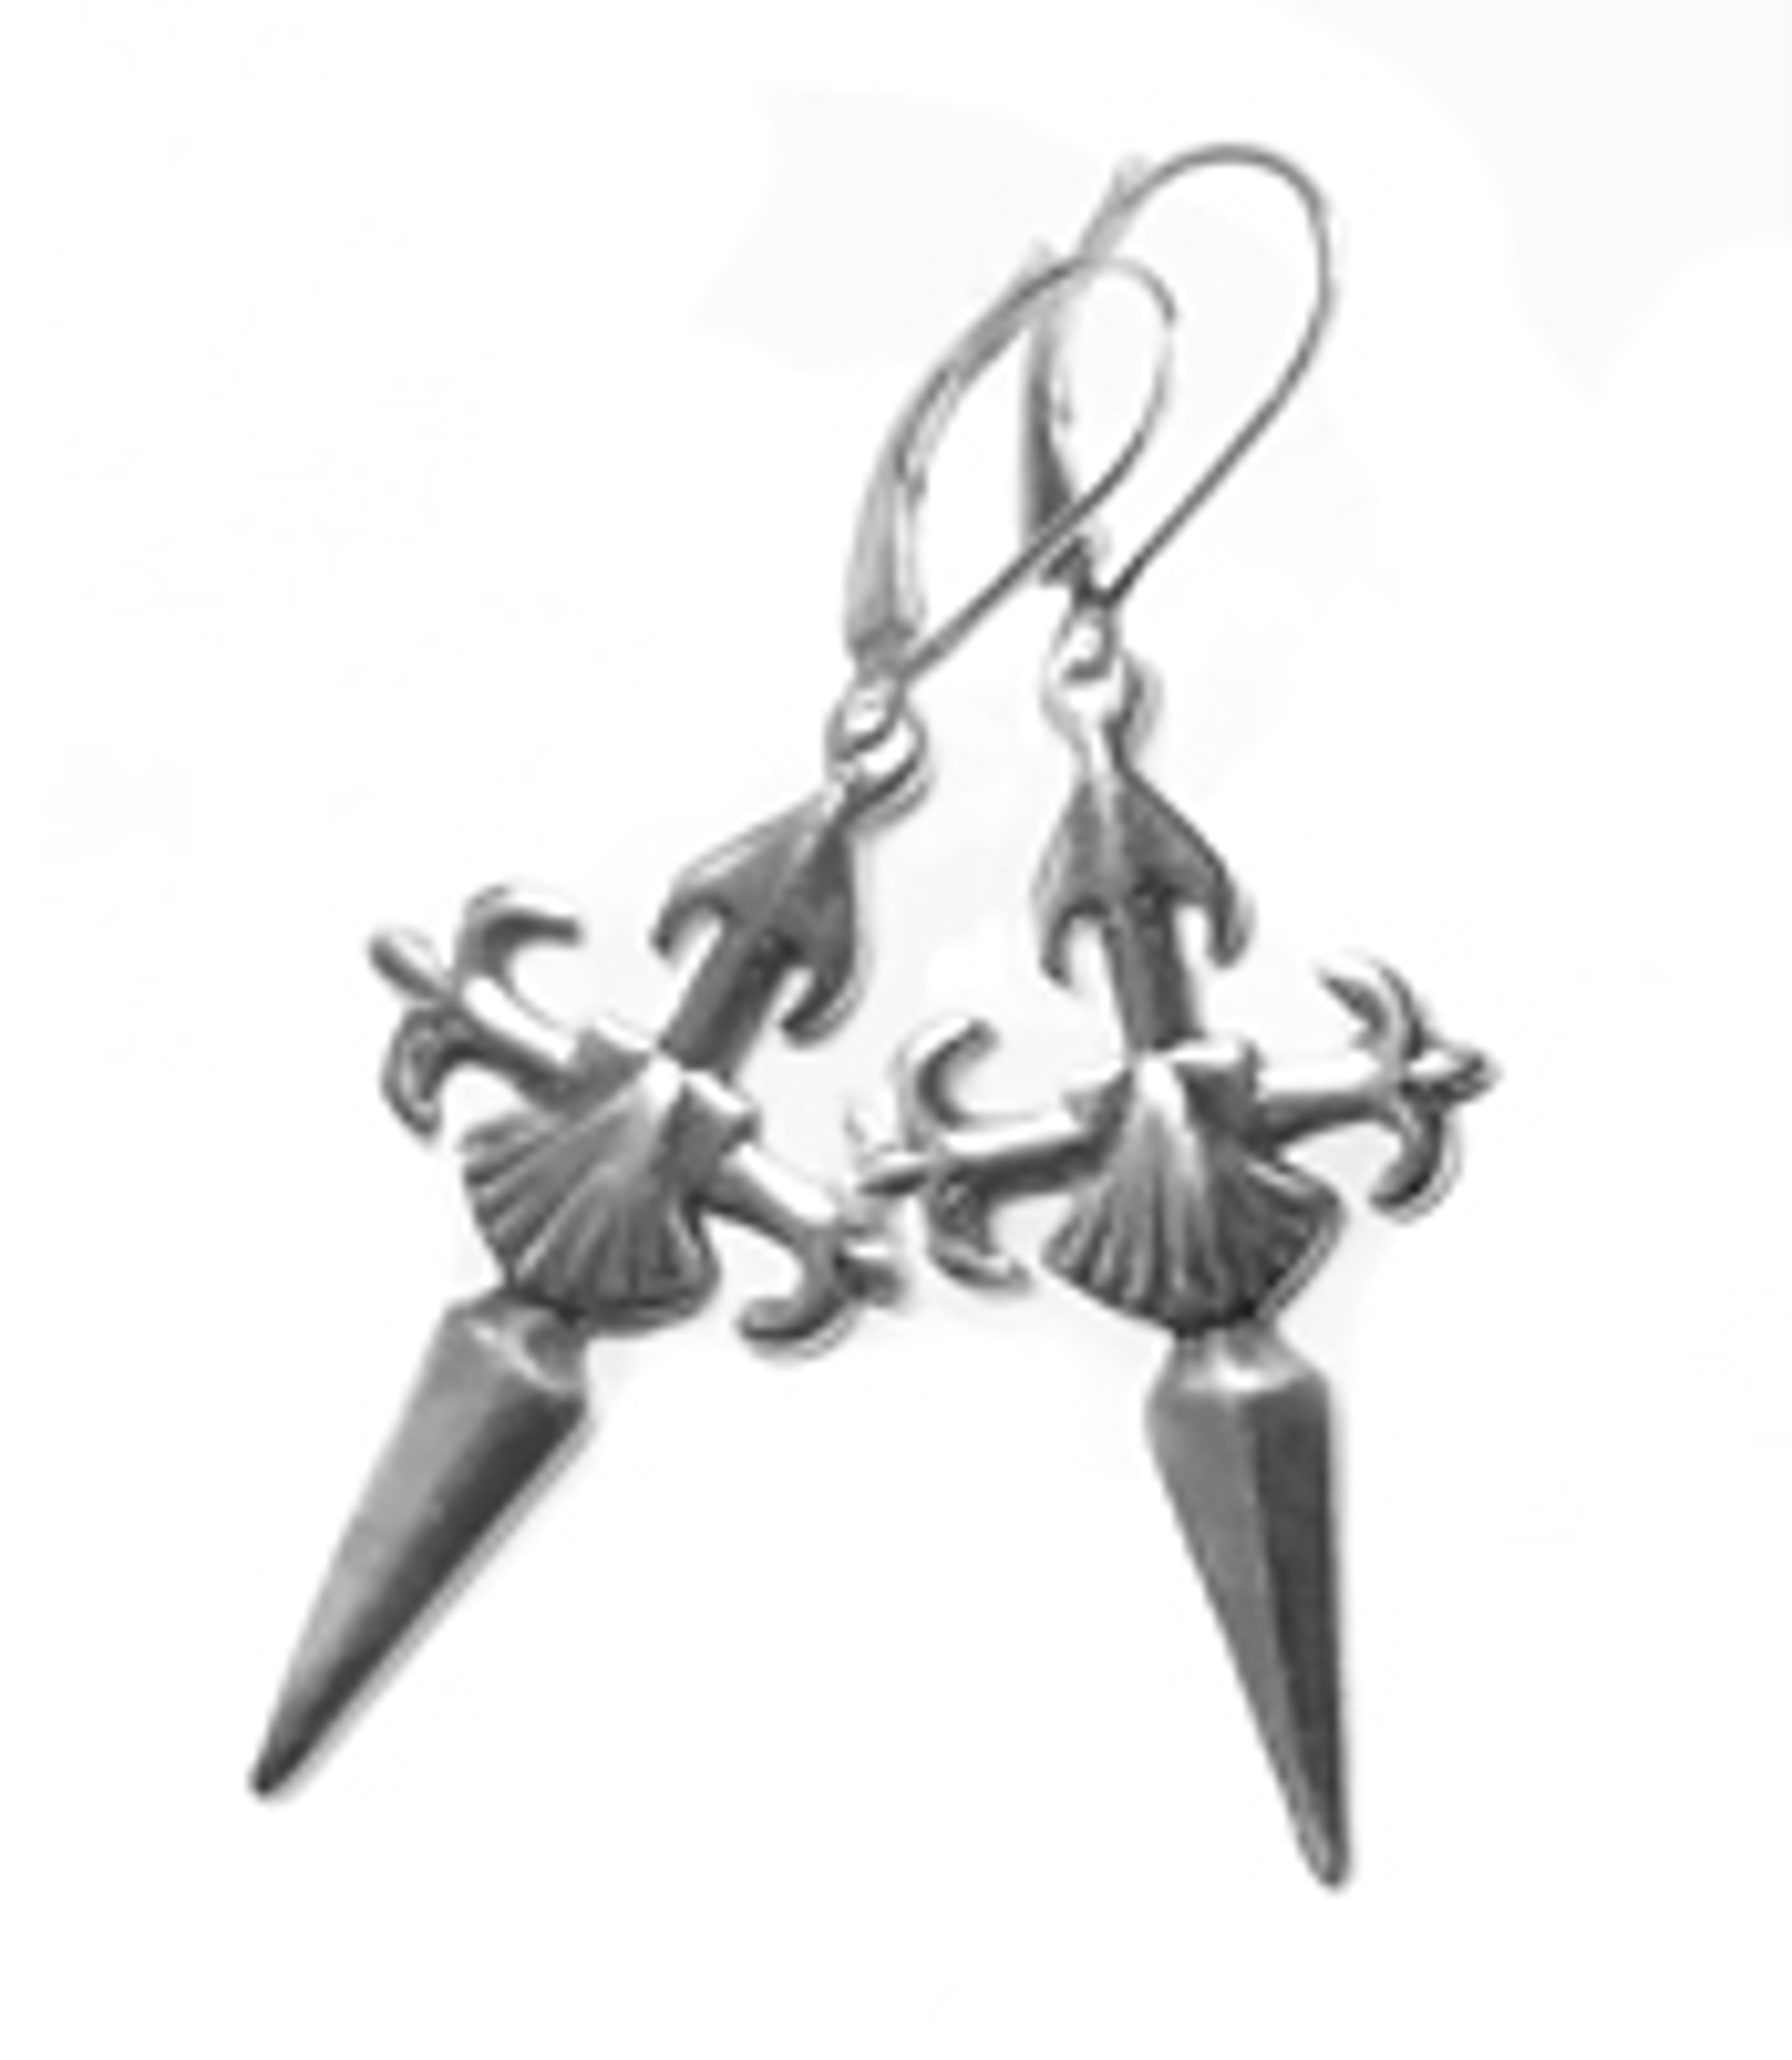 Earrings - Santiago Cross - 8275 by Deanne McKeown